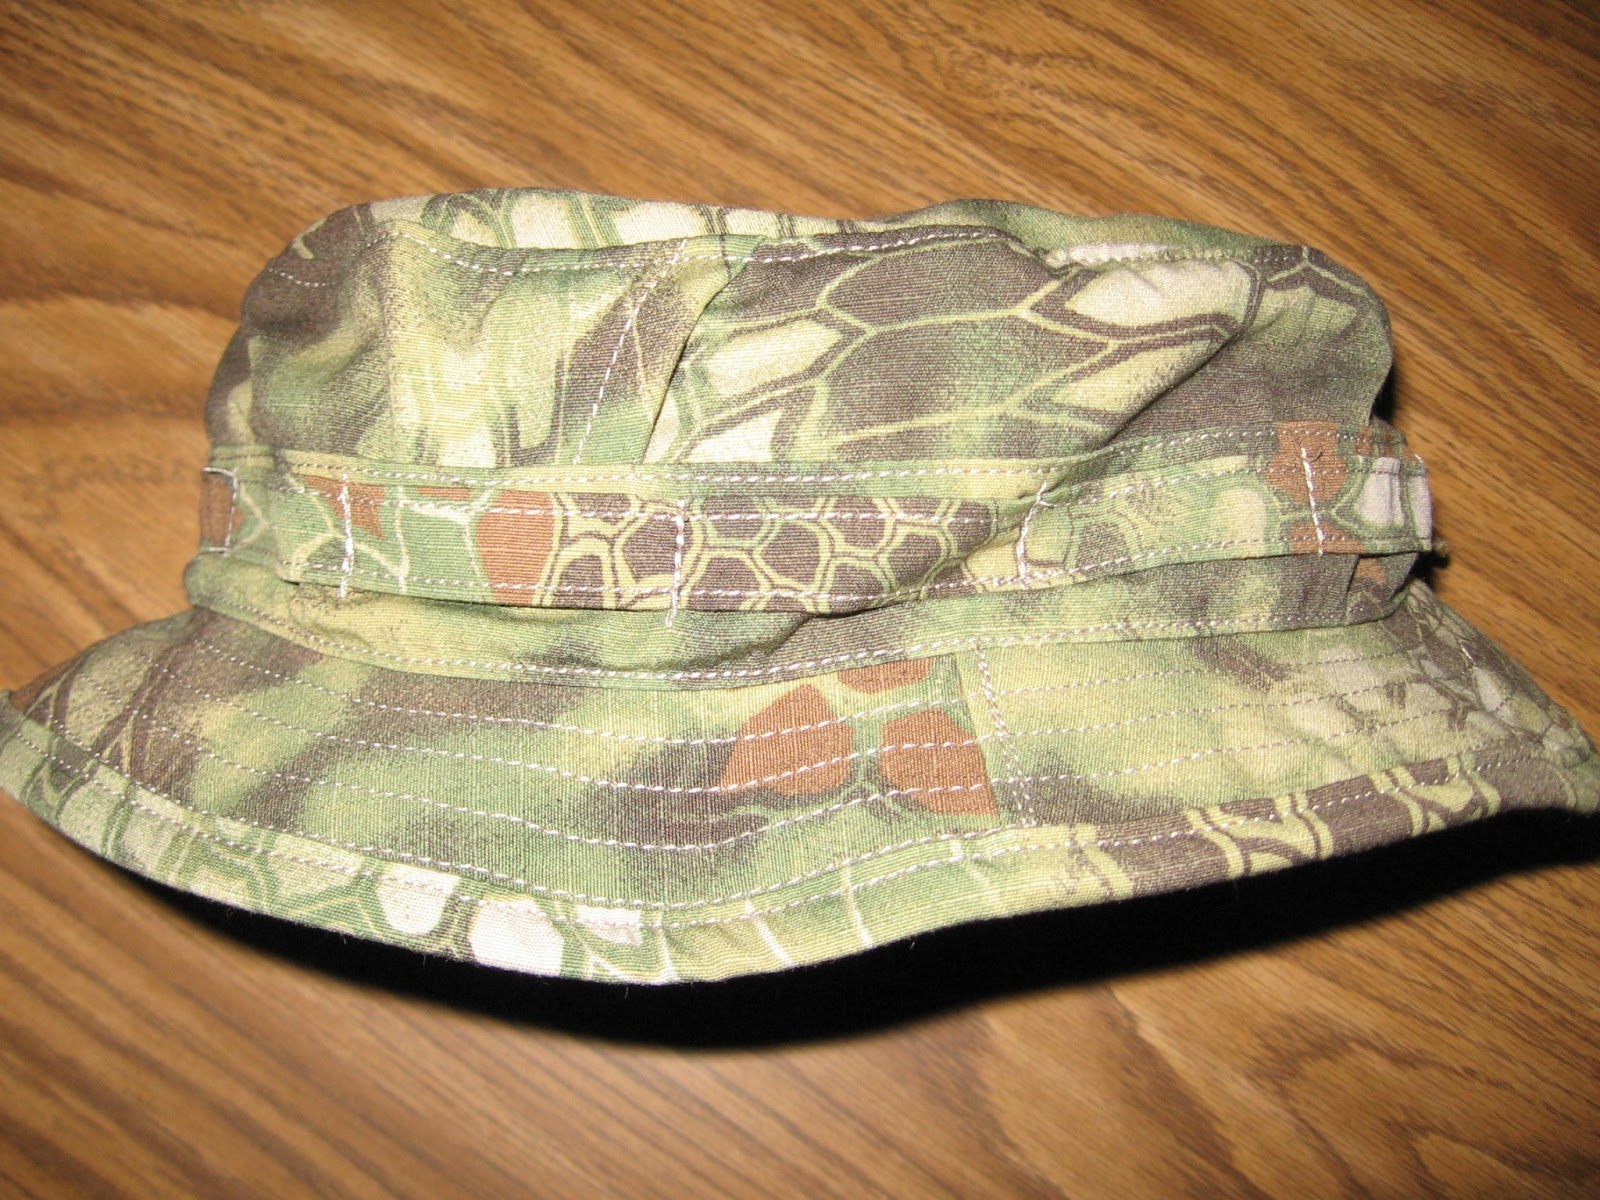 34d40cf6d14a5 Tactical Gear and Military Clothing News   Slangvel Kryptek Recce ...